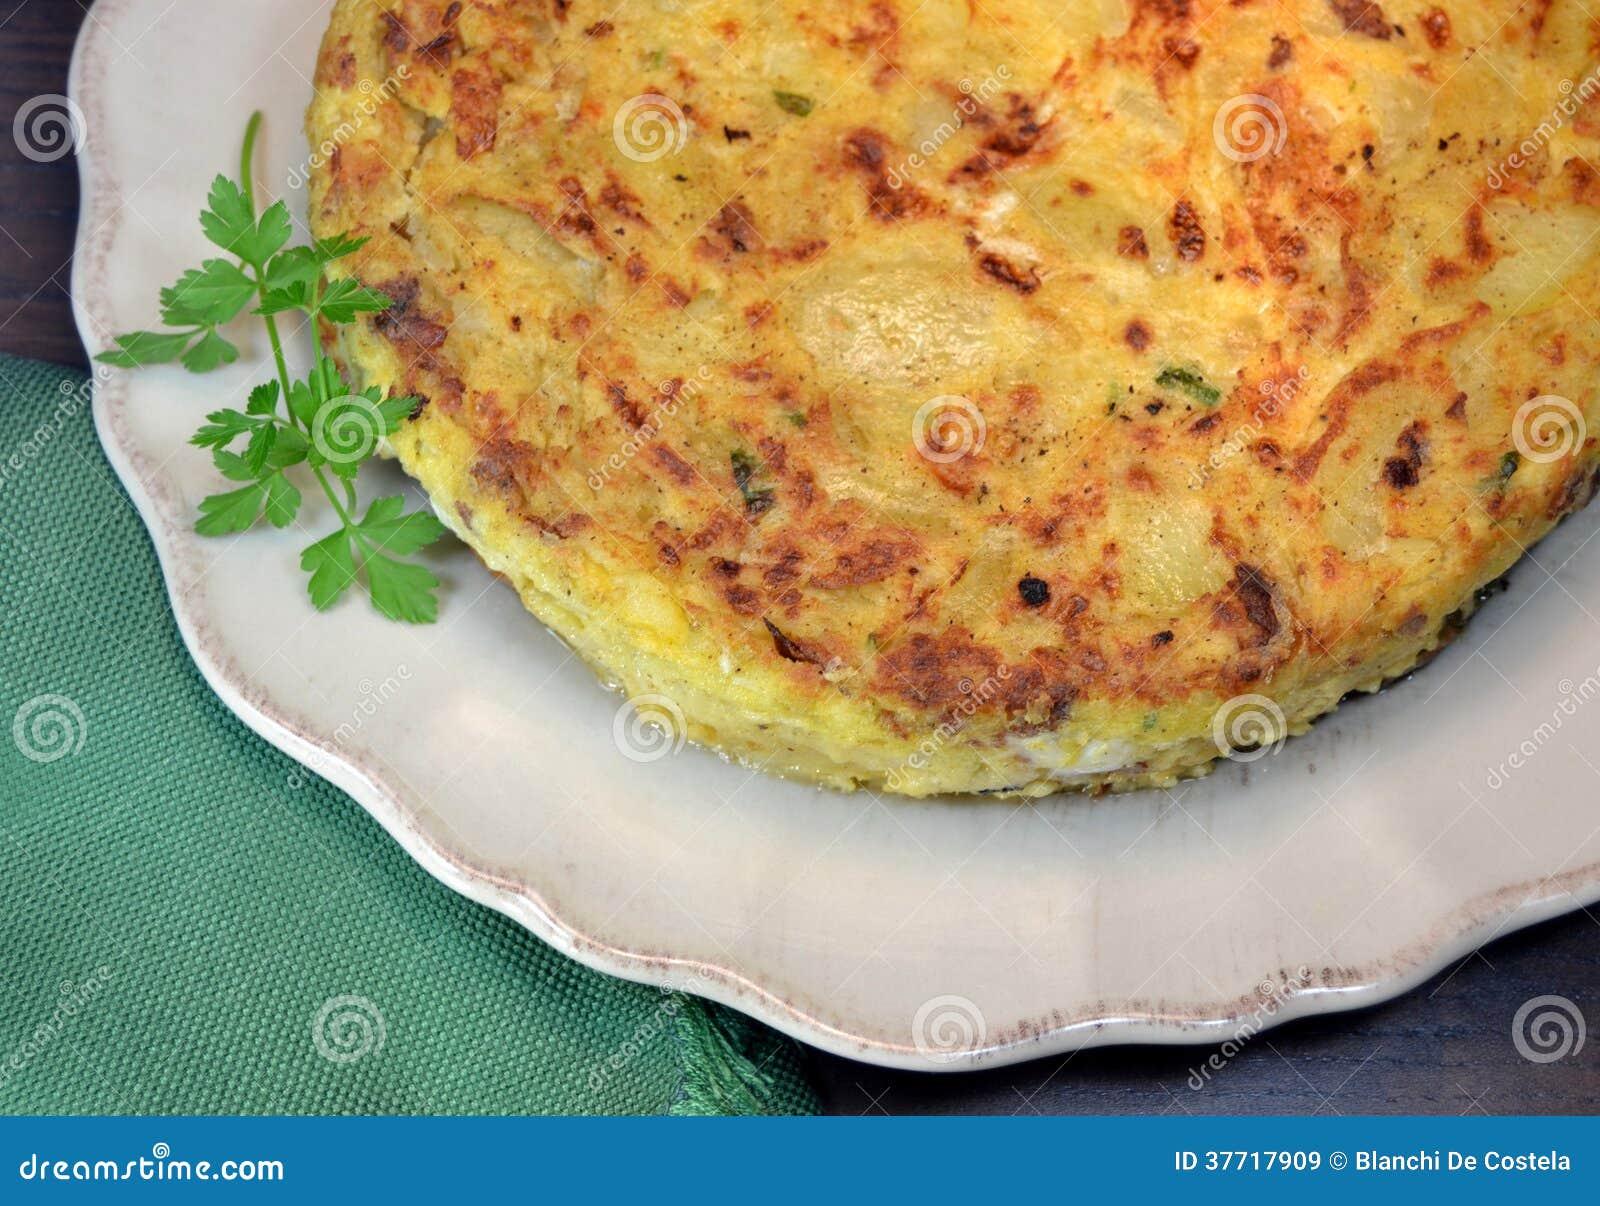 Испанский омлет картошки